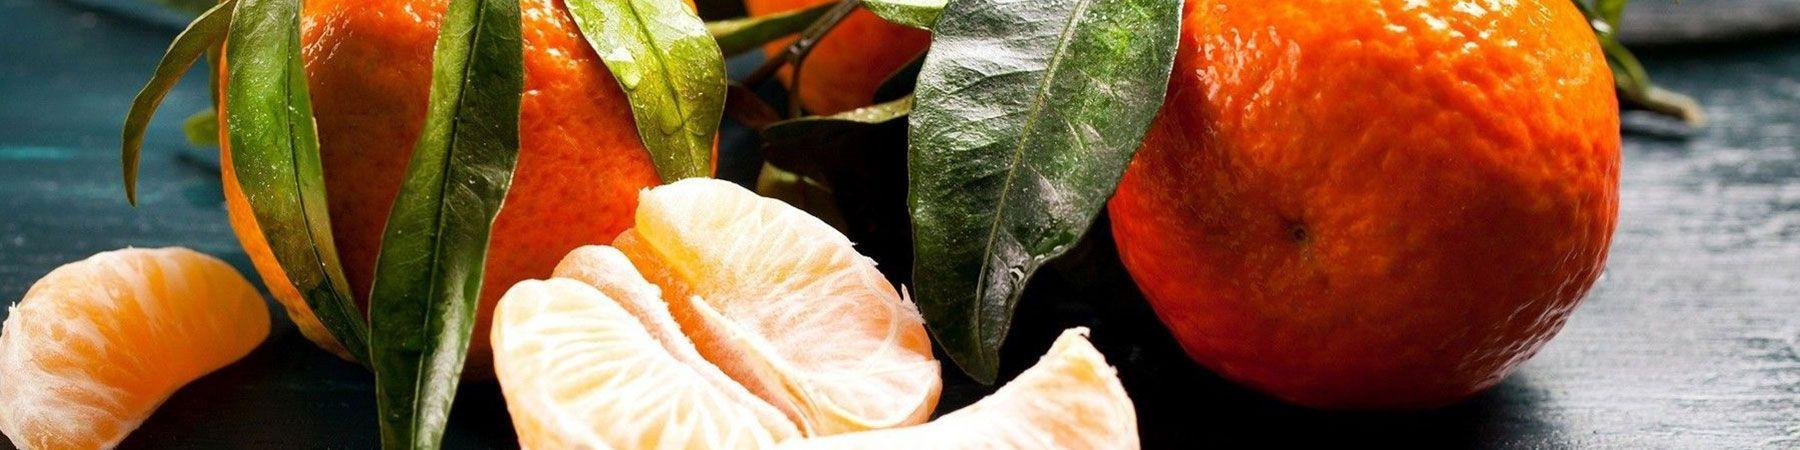 Fruits frais - secs